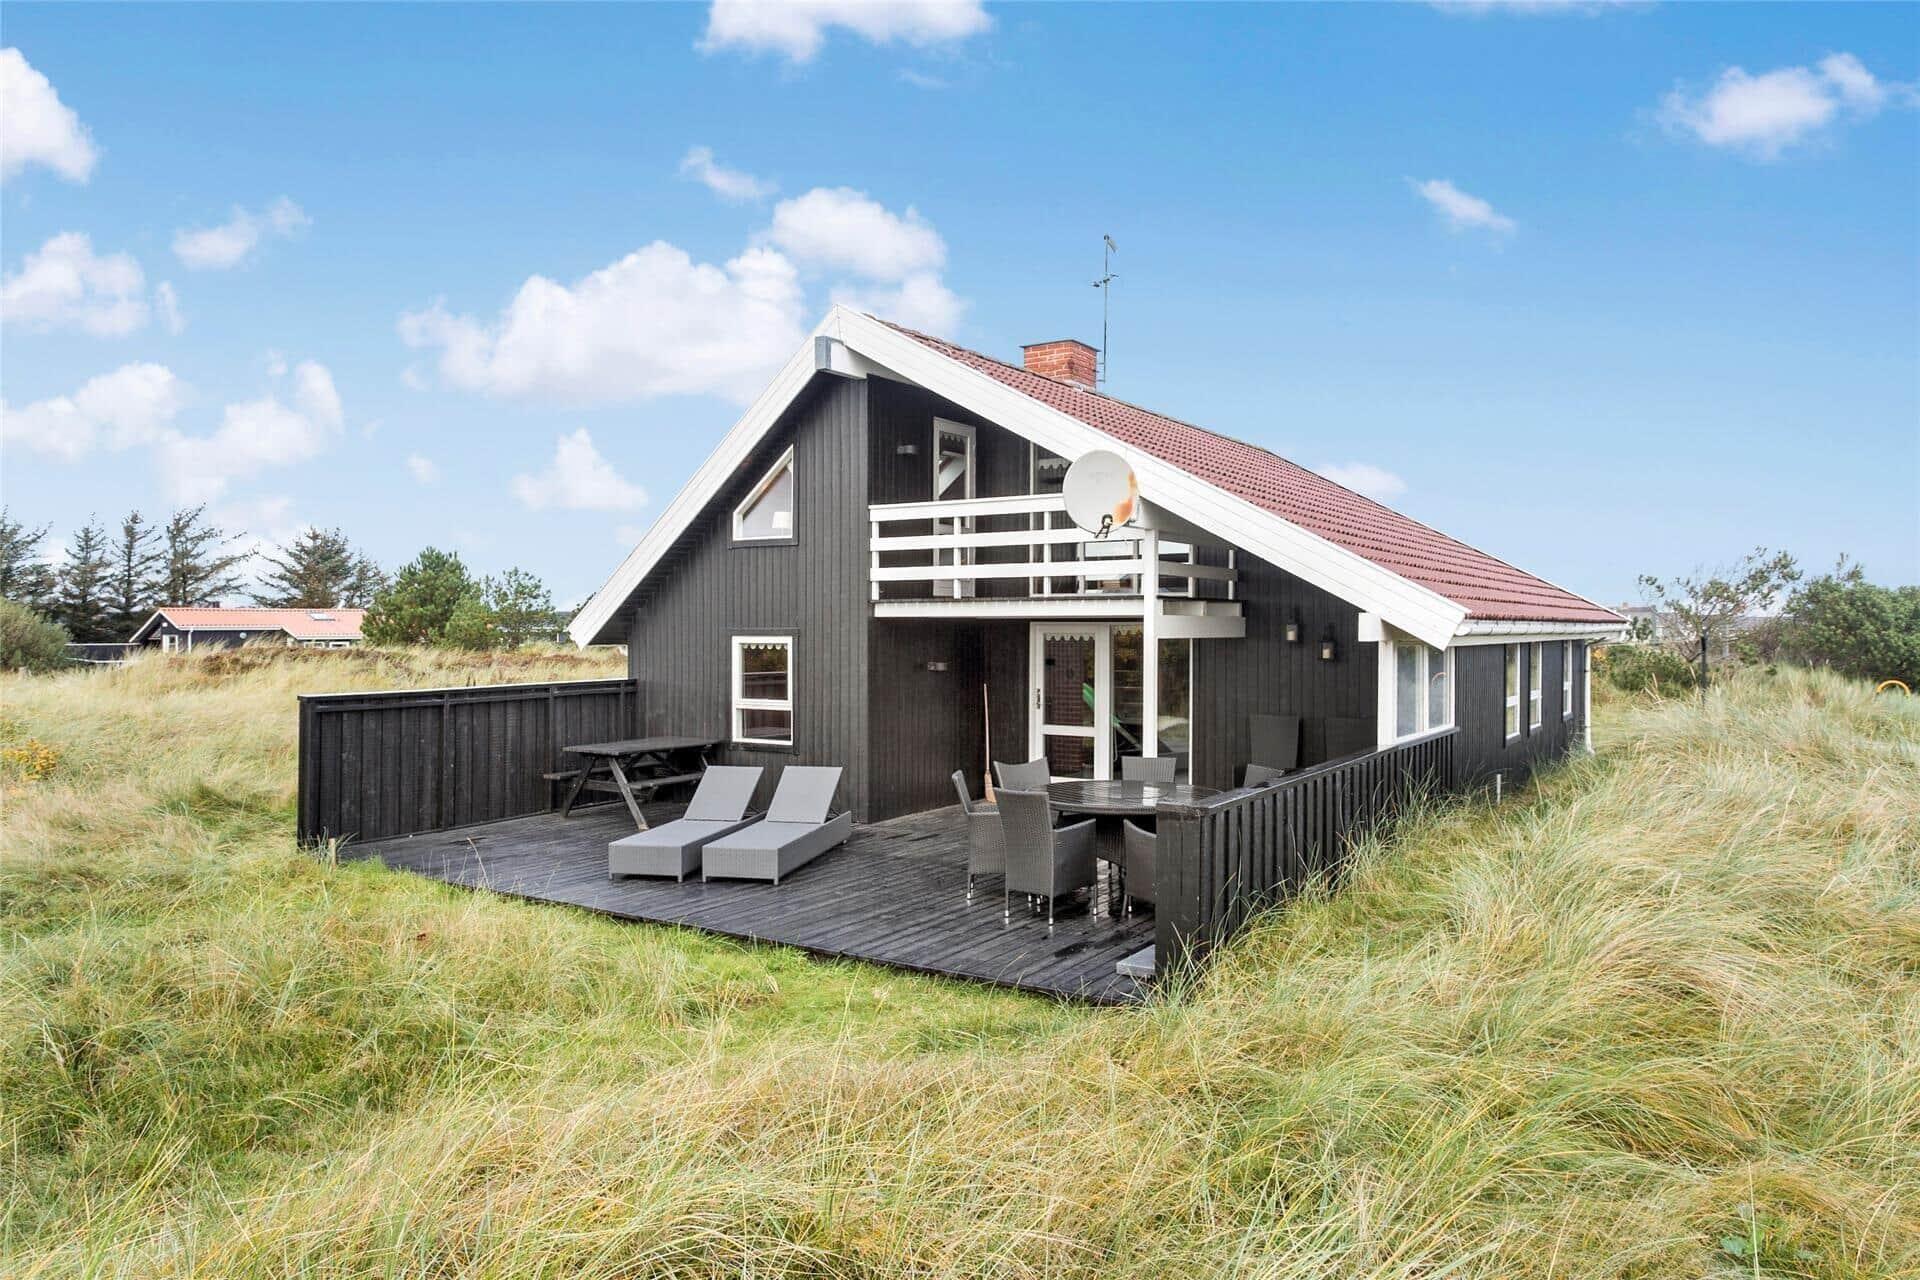 Afbeelding 1-13 Vakantiehuis 376, Fiskervej 55, DK - 7700 Thisted